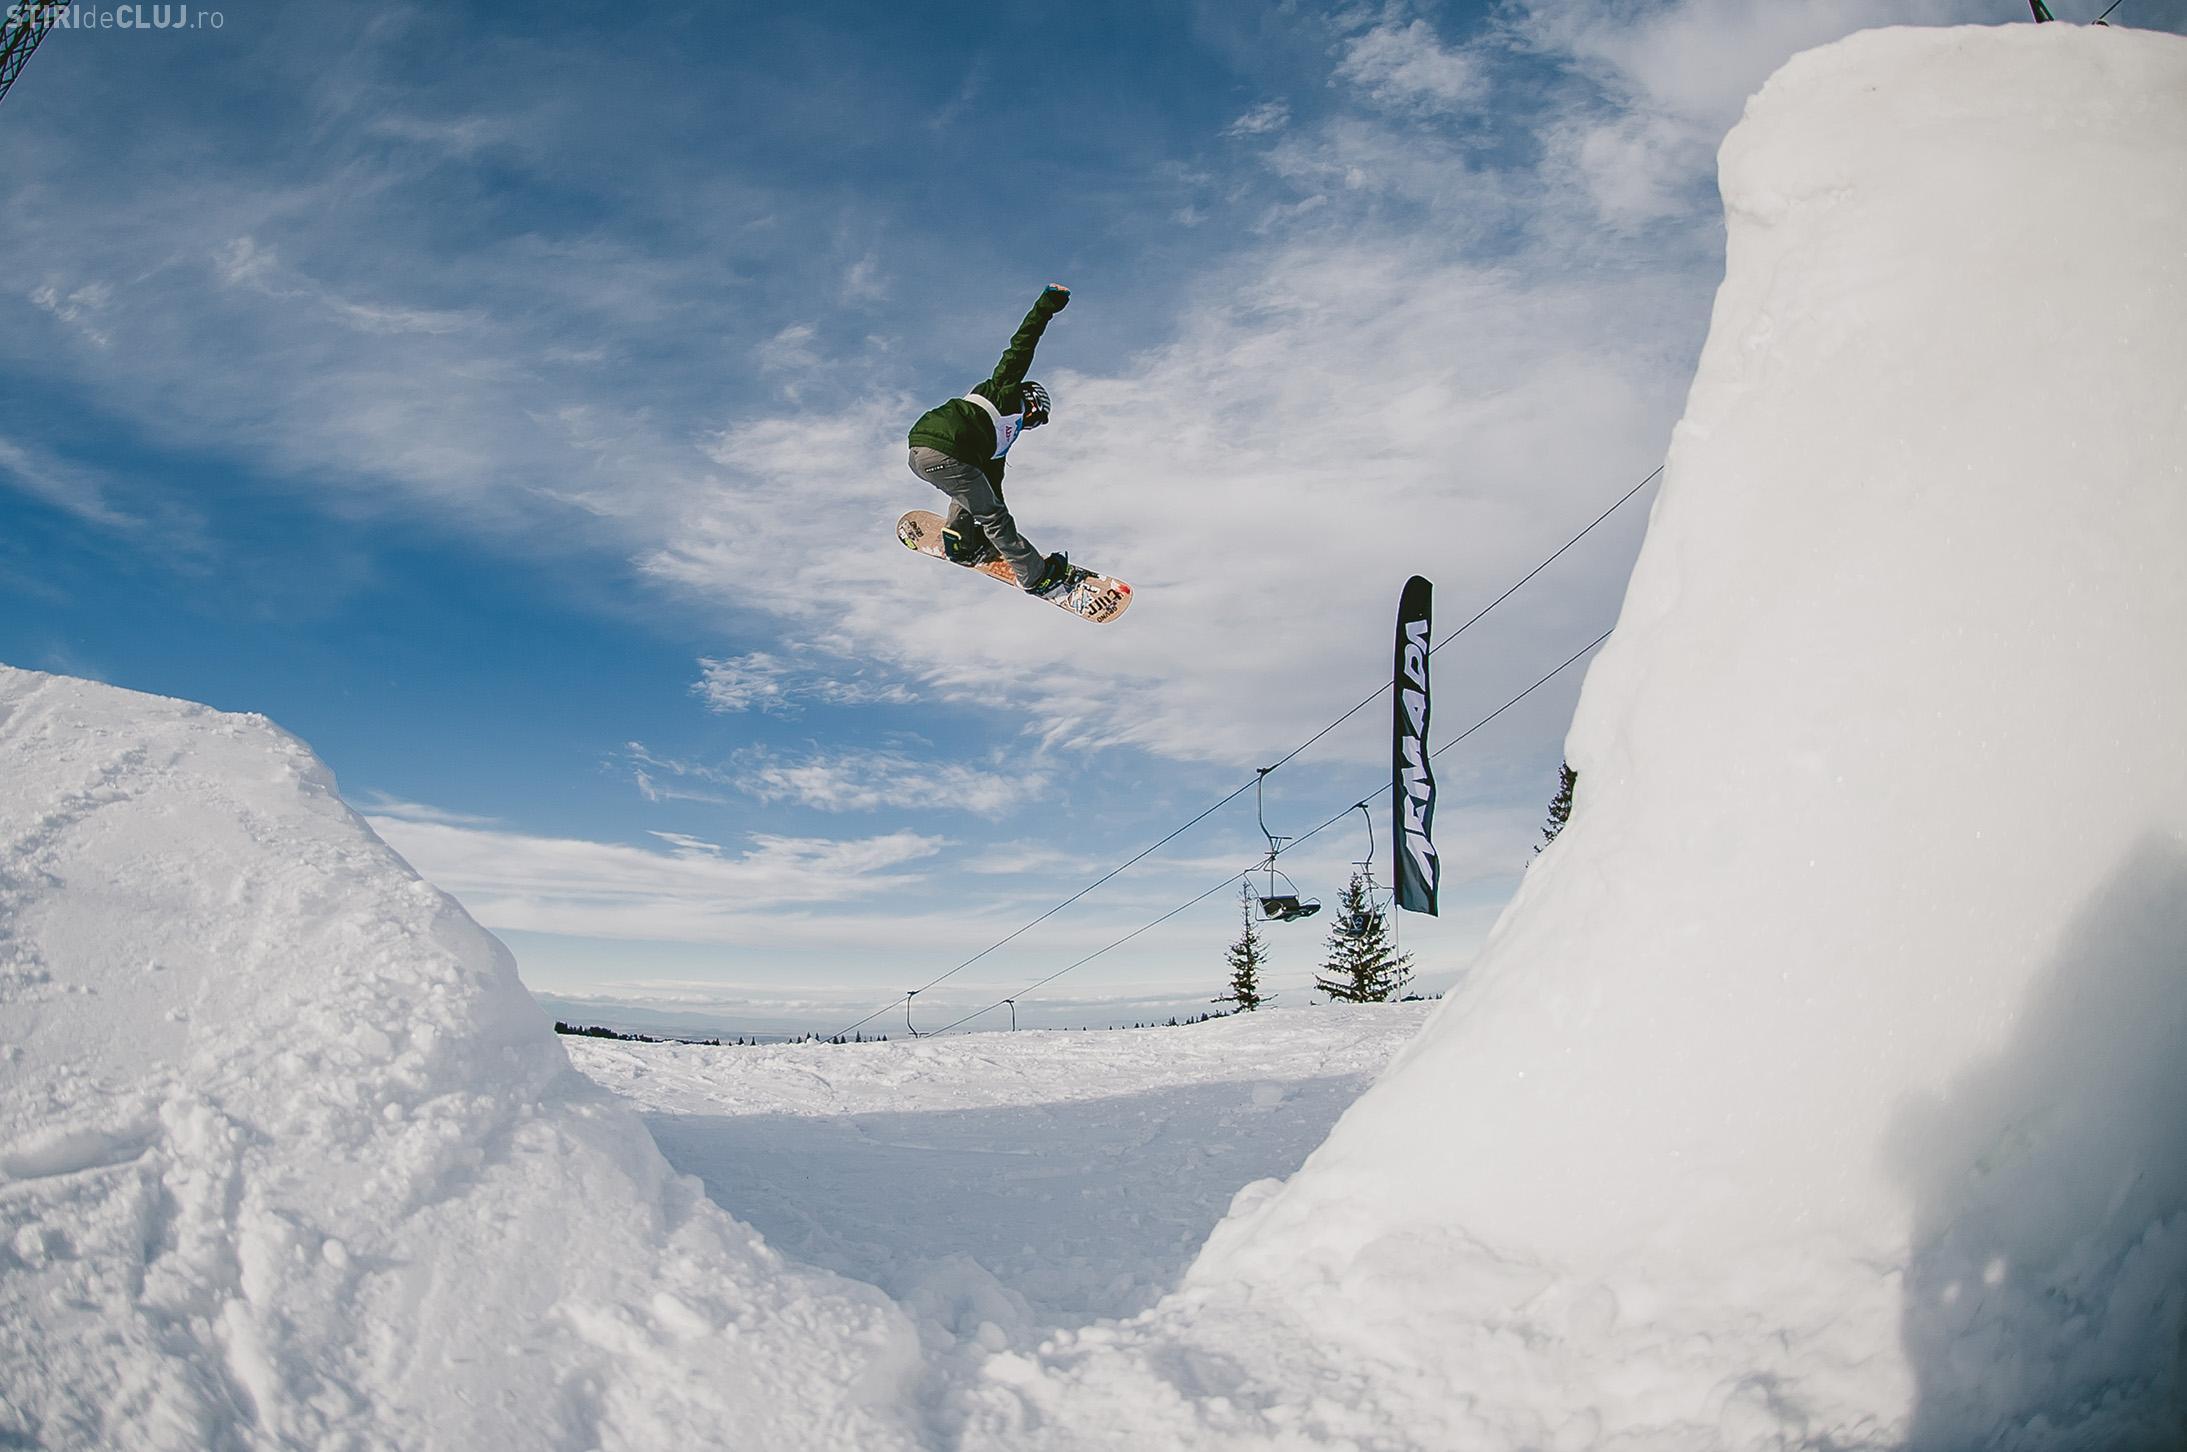 Arena Platoș - Sibiu: Concursuri spectaculoase de skicross și mountain bike în weekend - FOTO